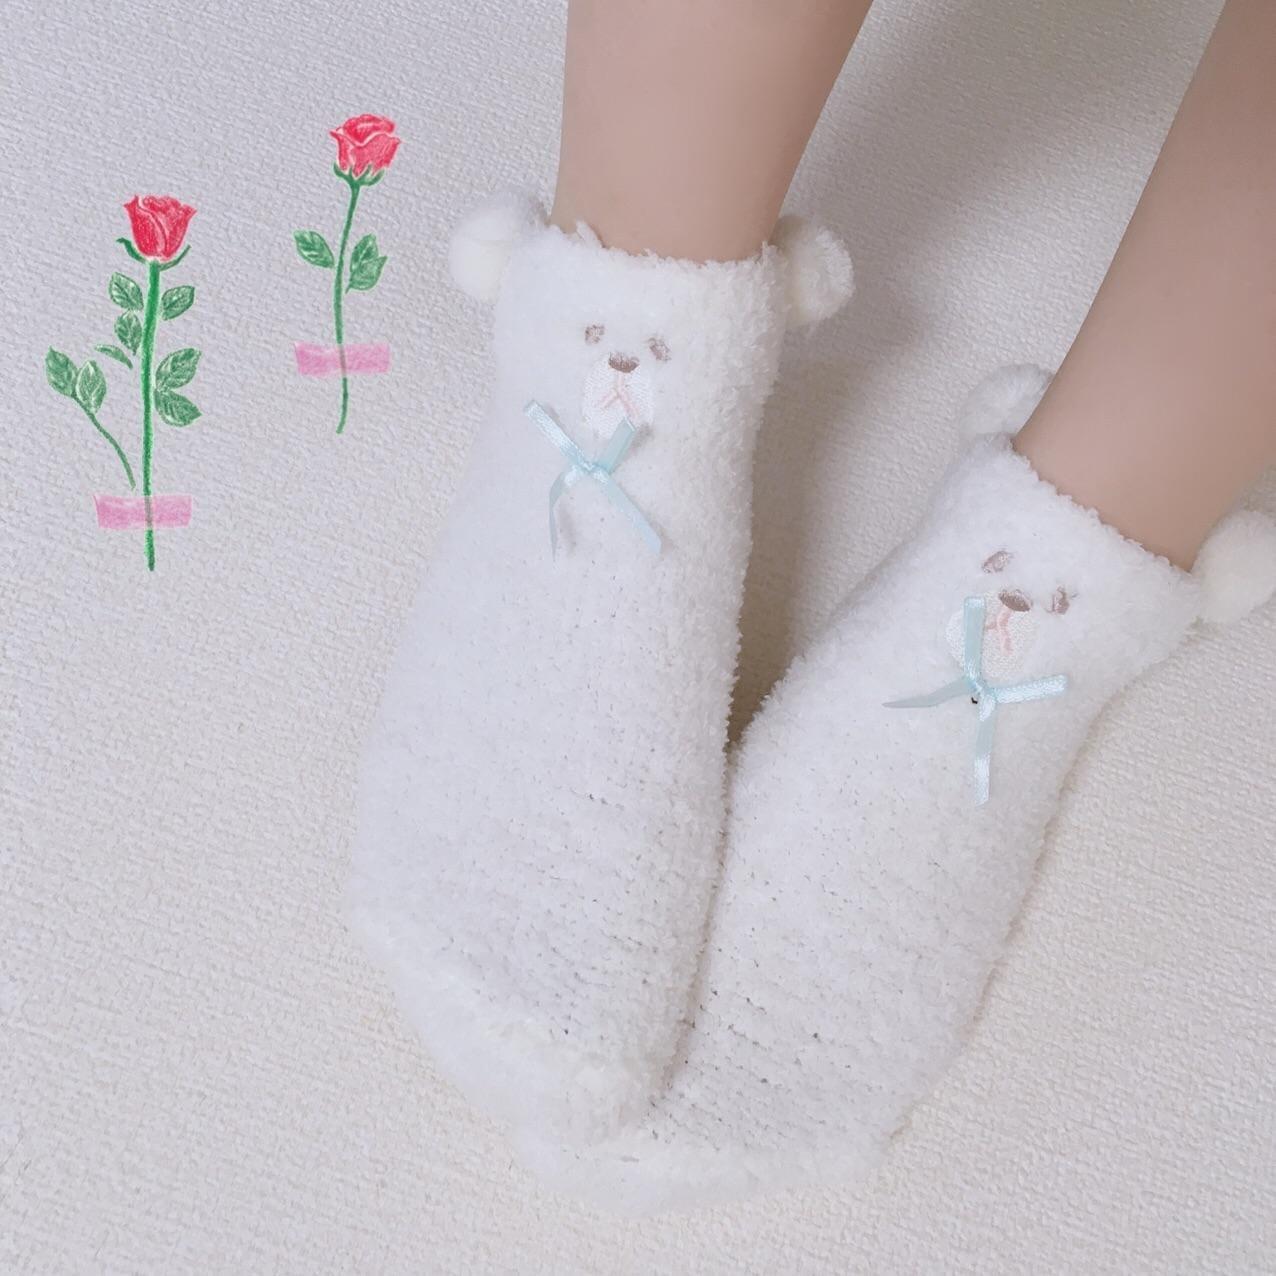 「もこもこ靴下?予定」12/12(水) 16:25 | ちえの写メ・風俗動画